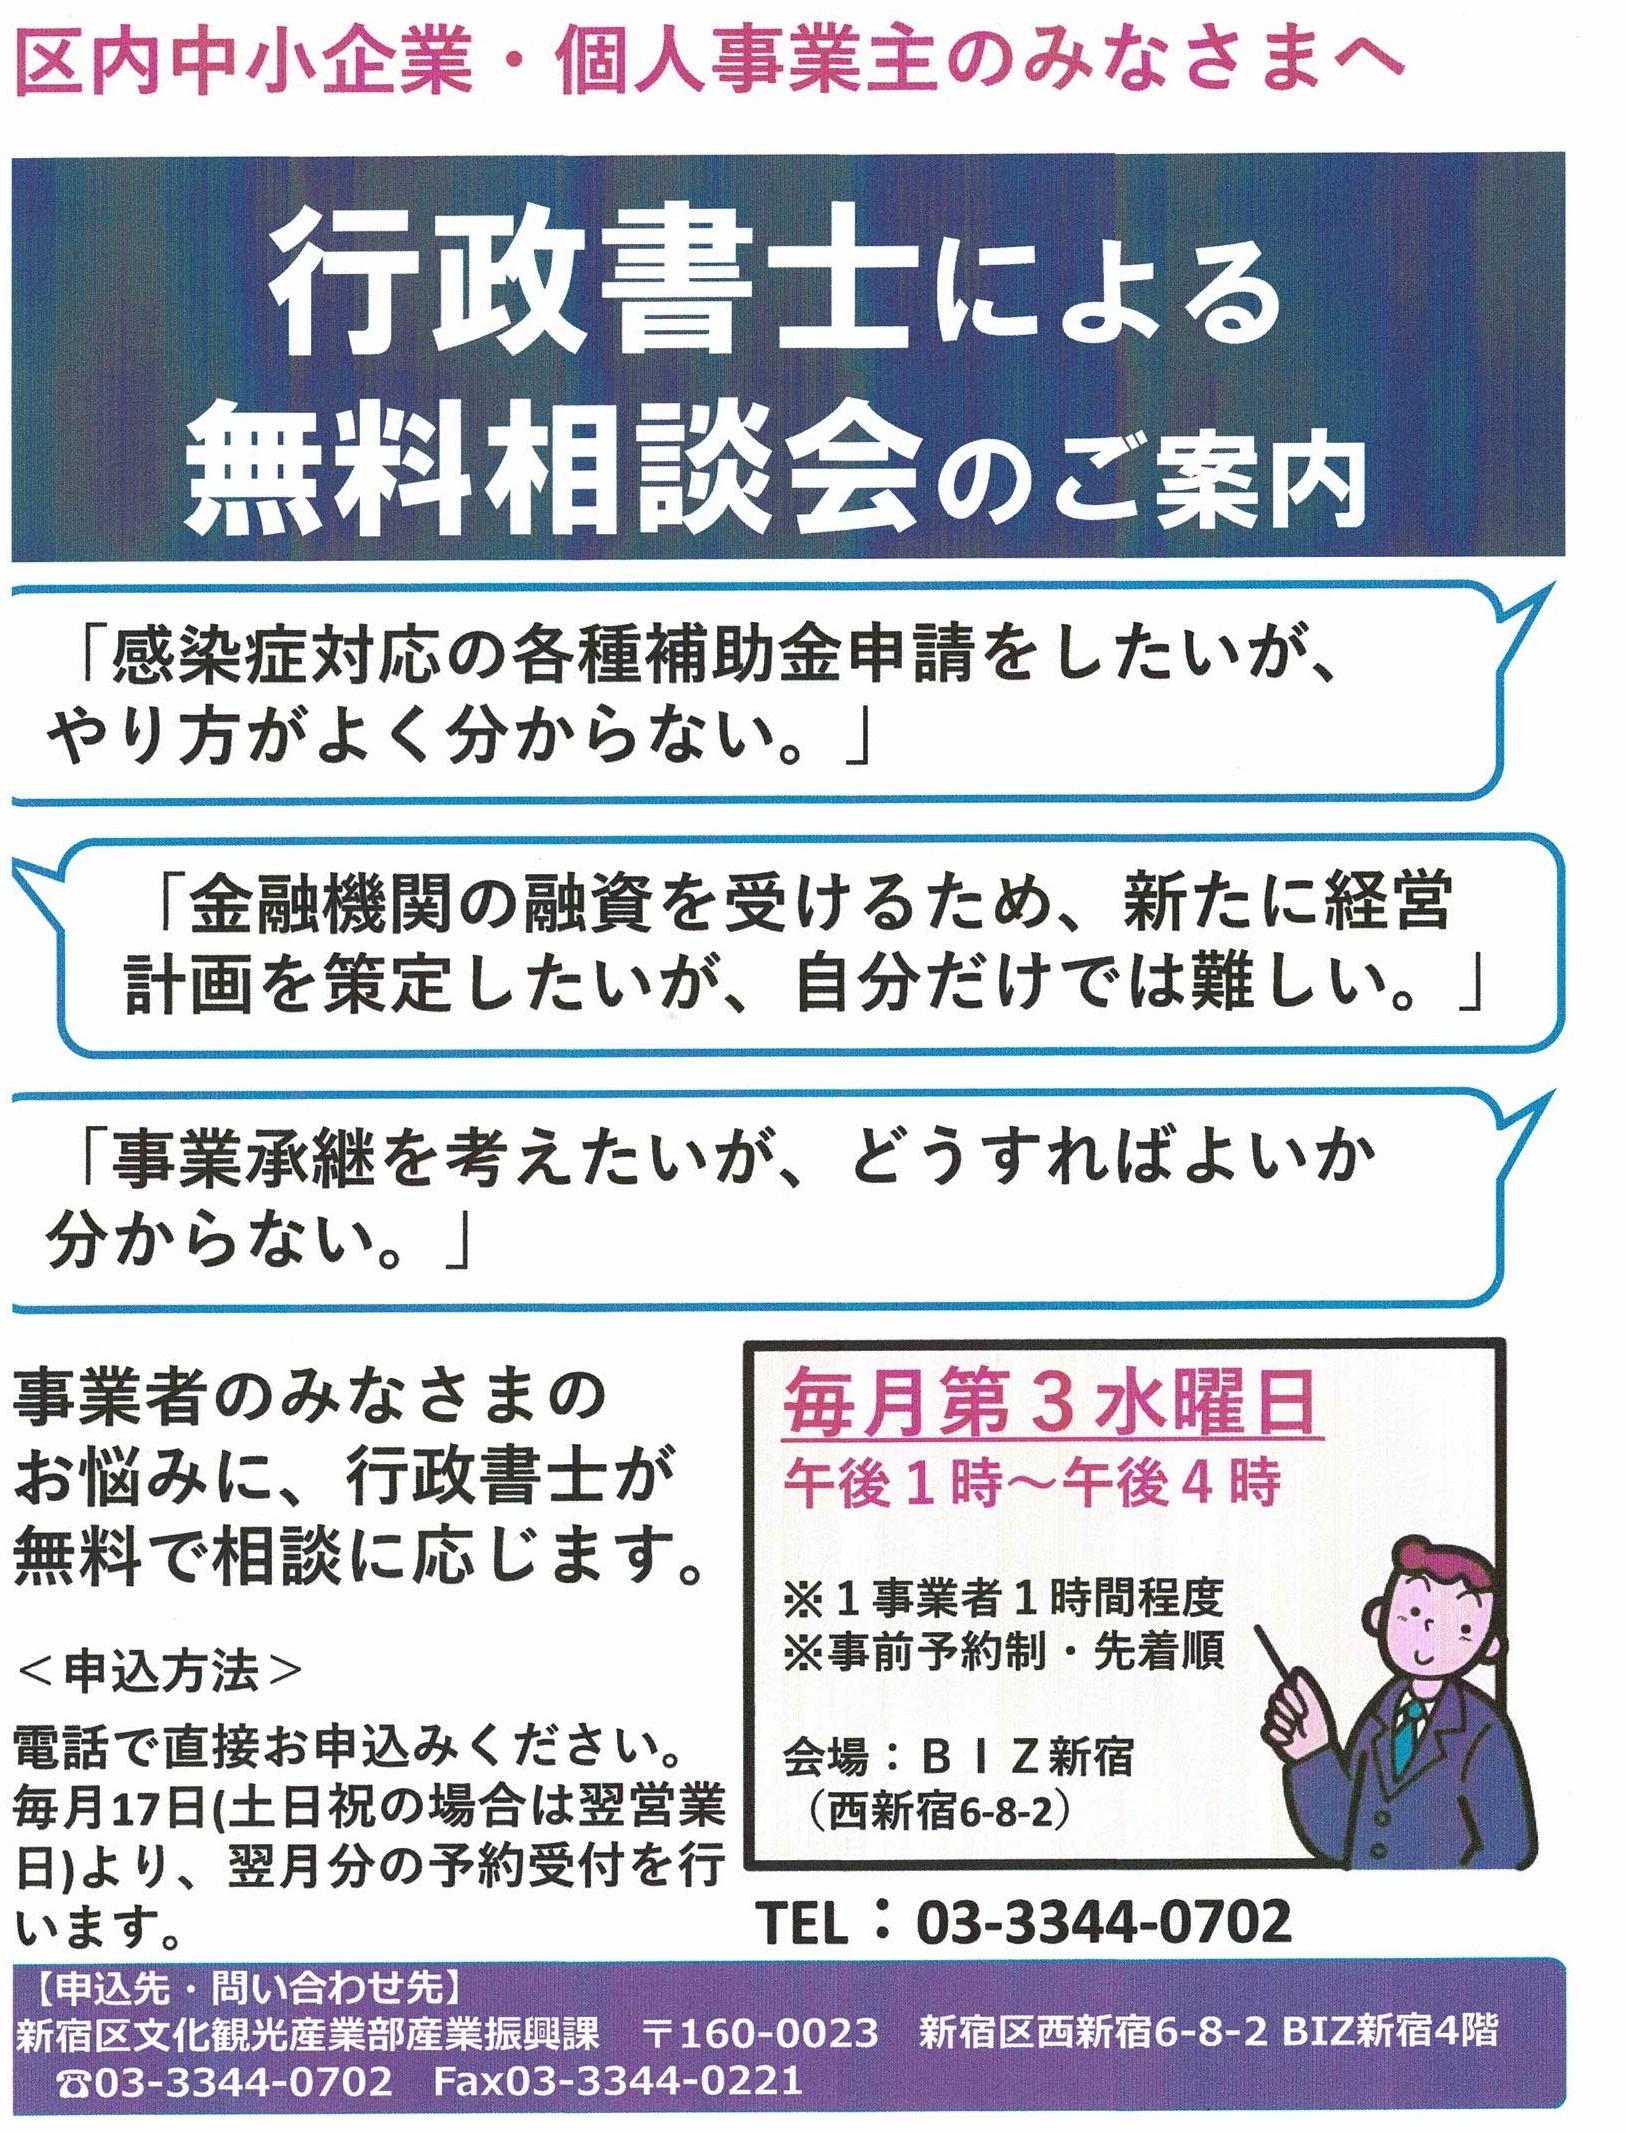 「新宿区内事業者の皆さん、行政書士無料相談会ご活用ください(*゚▽゚)ノ‼~オリンピック・パラリンピック・文化観光等特別委員会ご報告~」